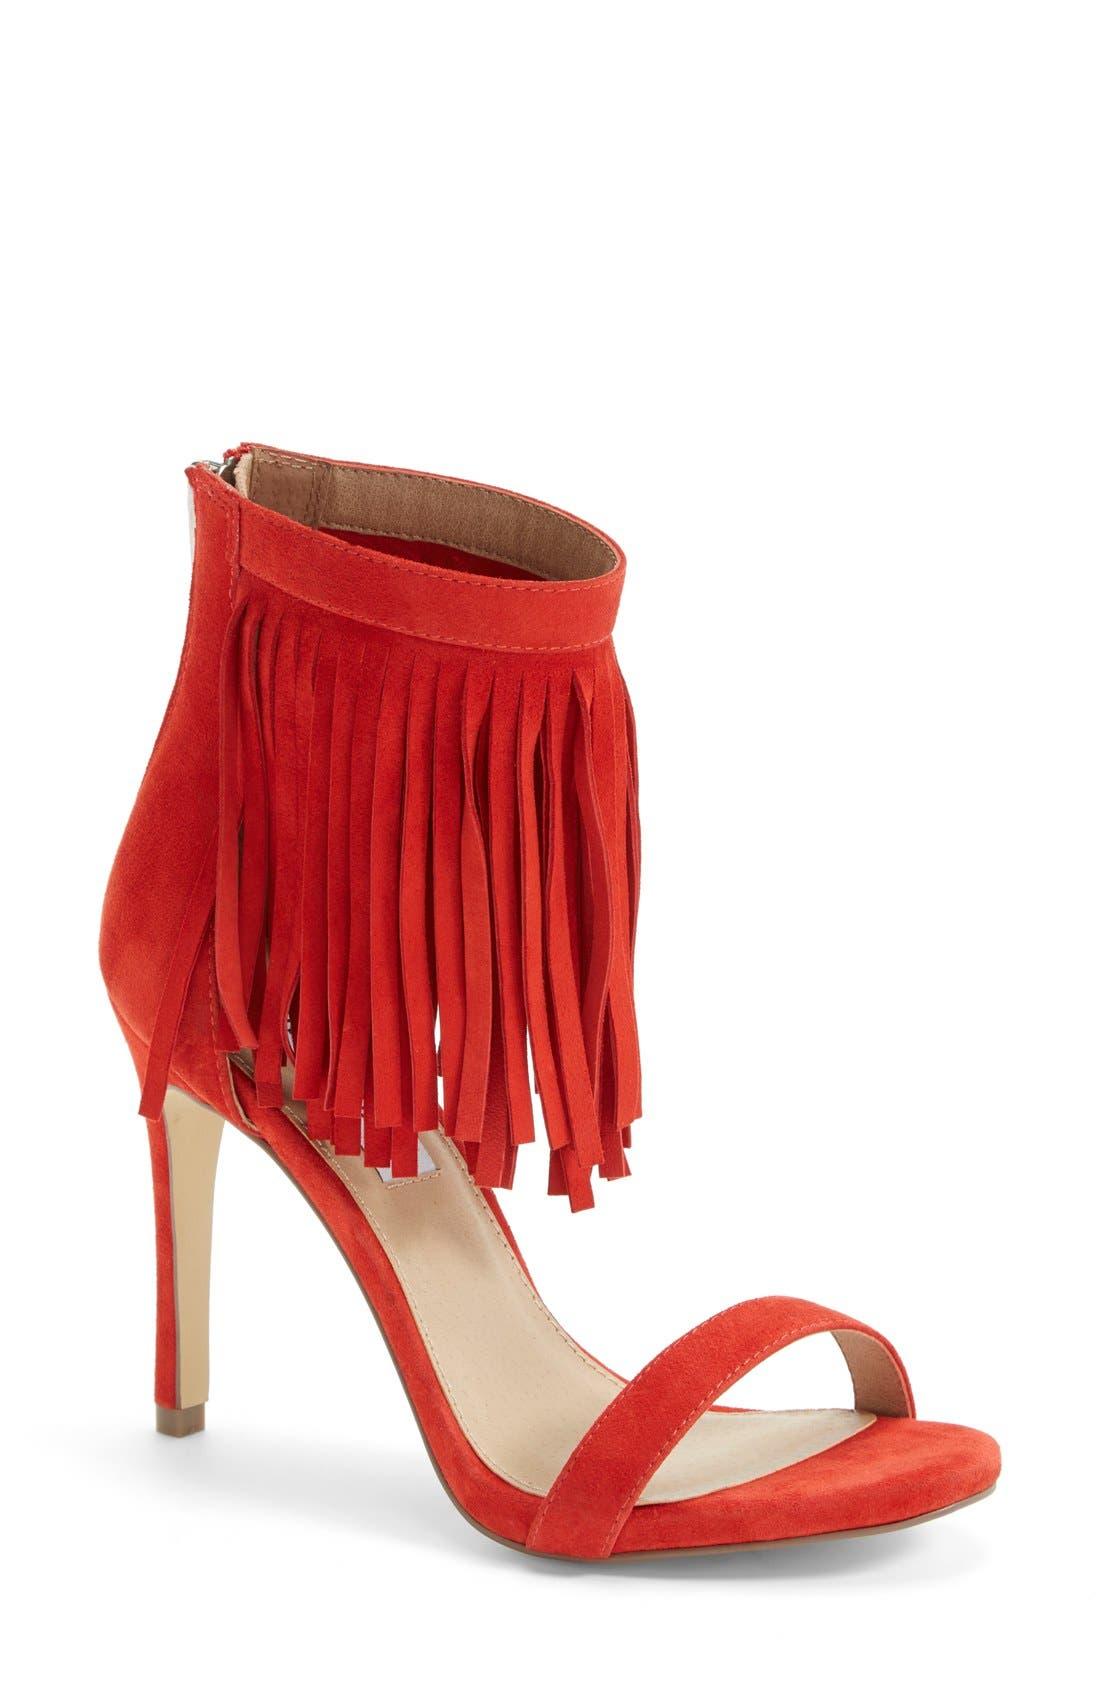 Main Image - Steve Madden 'Staarz' Ankle Fringe Sandal (Women)